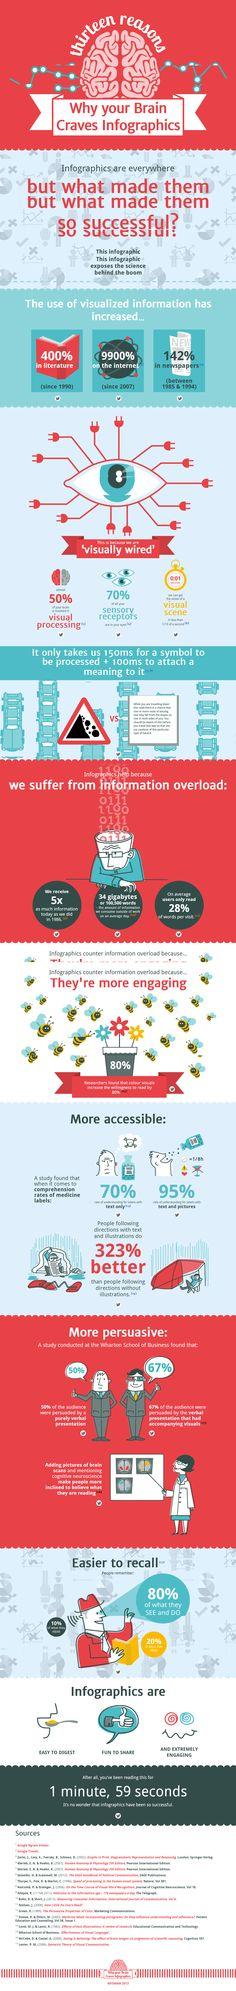 ¿Por qué a nuestro cerebro le gusta tanto la #infografía? capacidad de #síntesis #visual